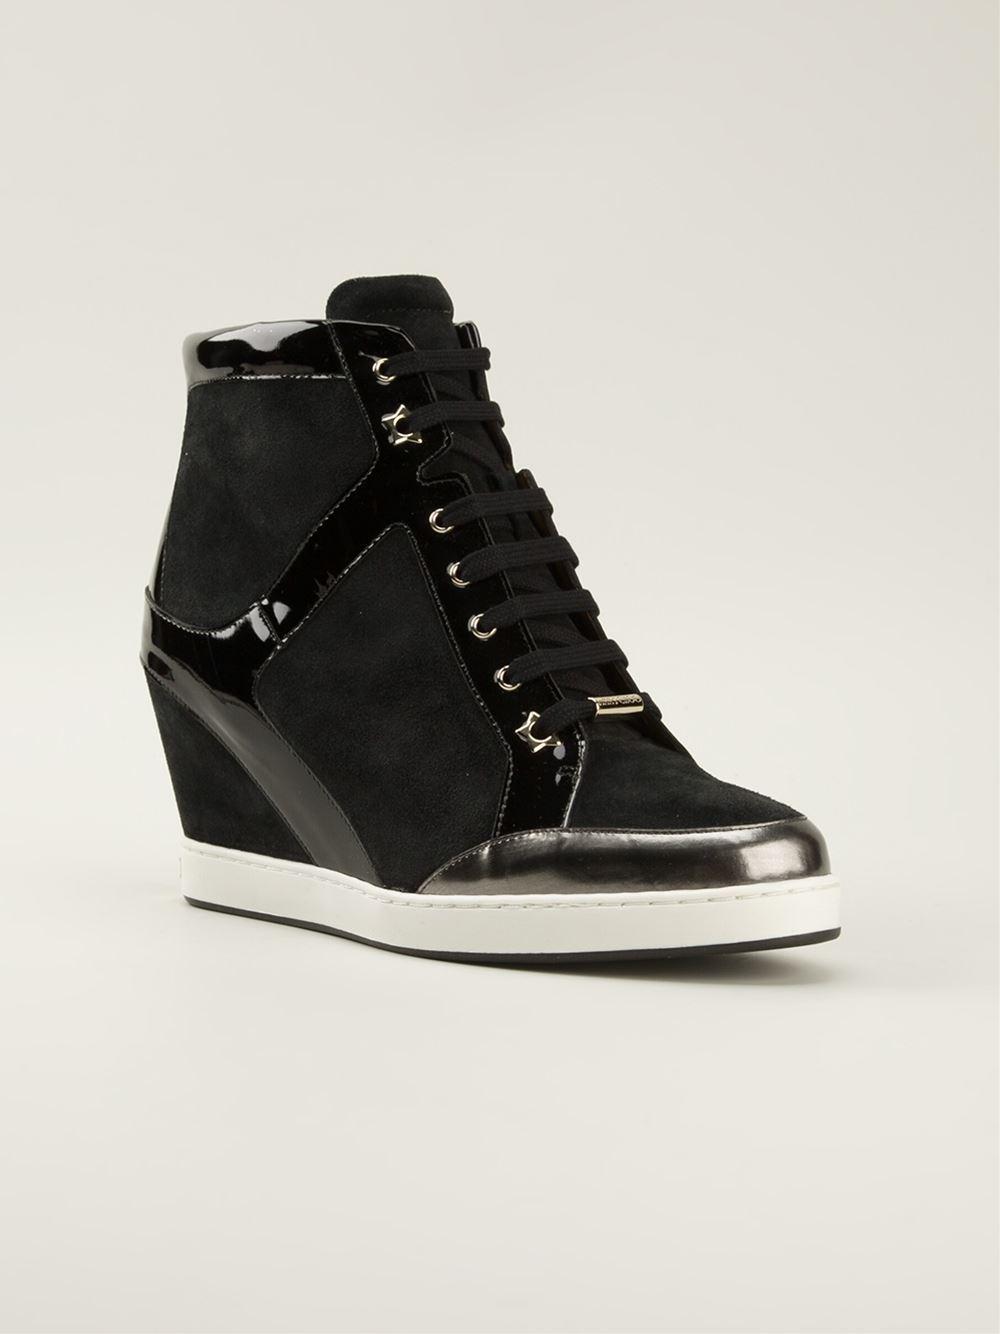 Jimmy Choo 'Preston' Wedge Hi-Top Sneakers in Black